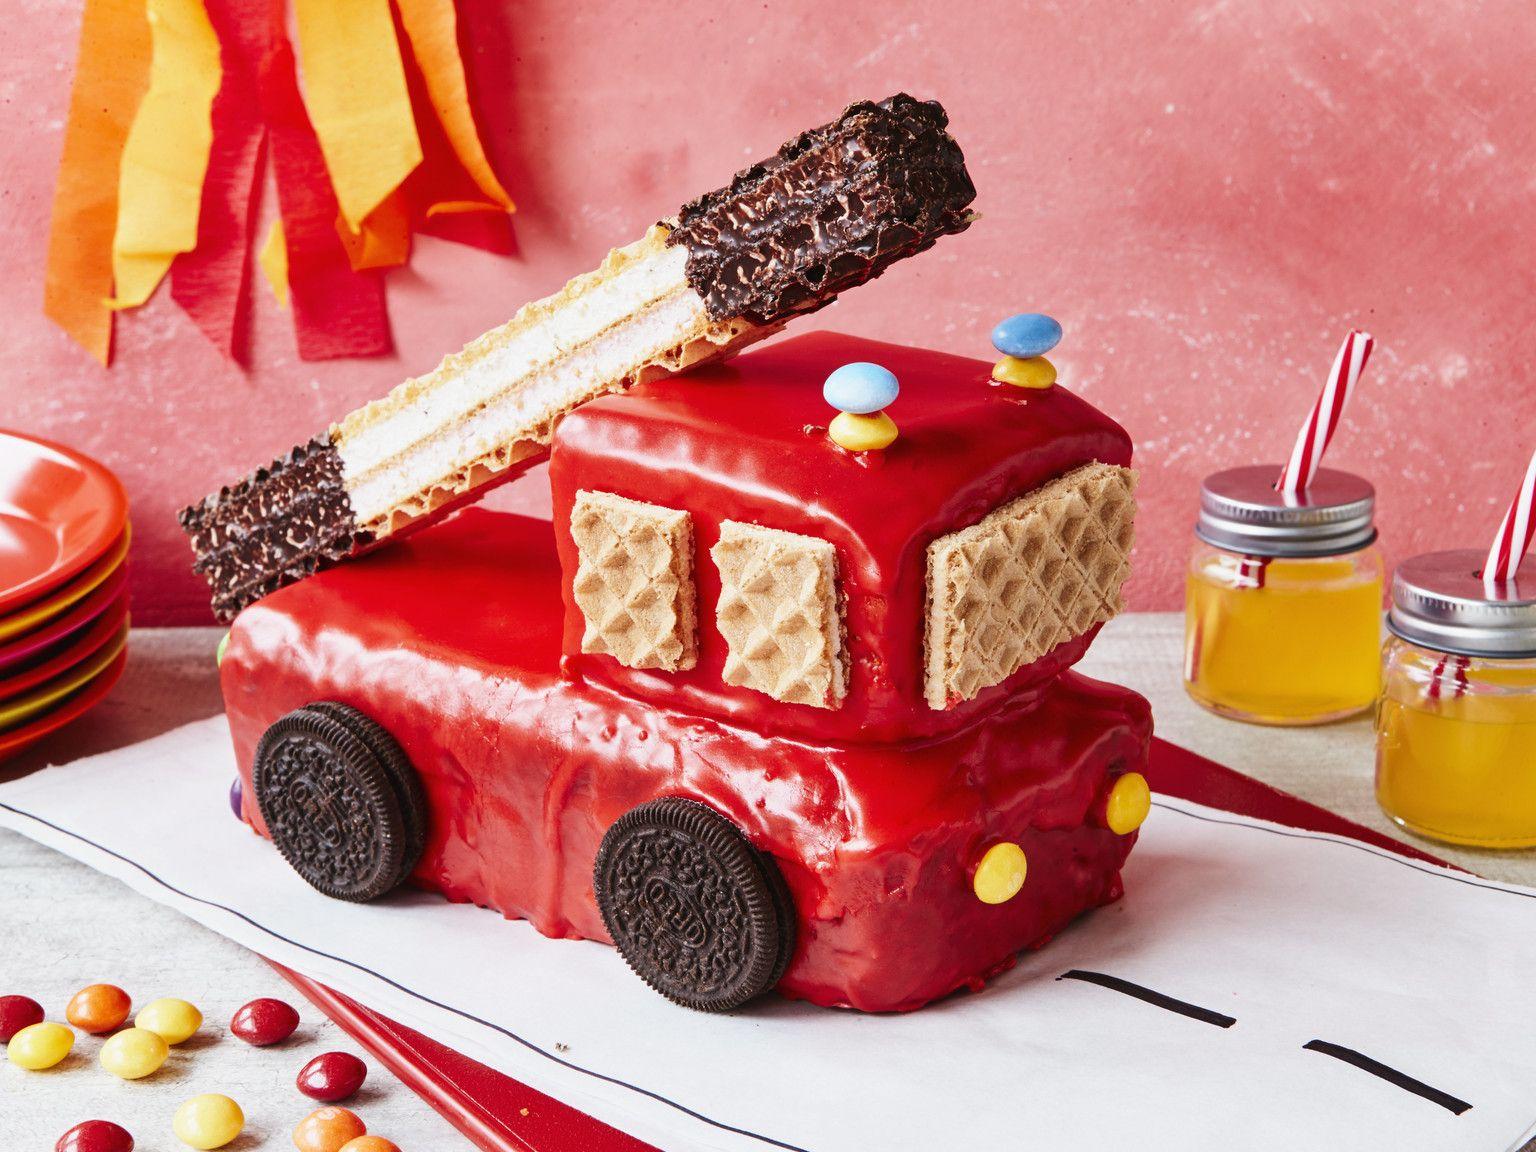 Feuerwehrkuchen à la Sam #dessertfacileetrapide